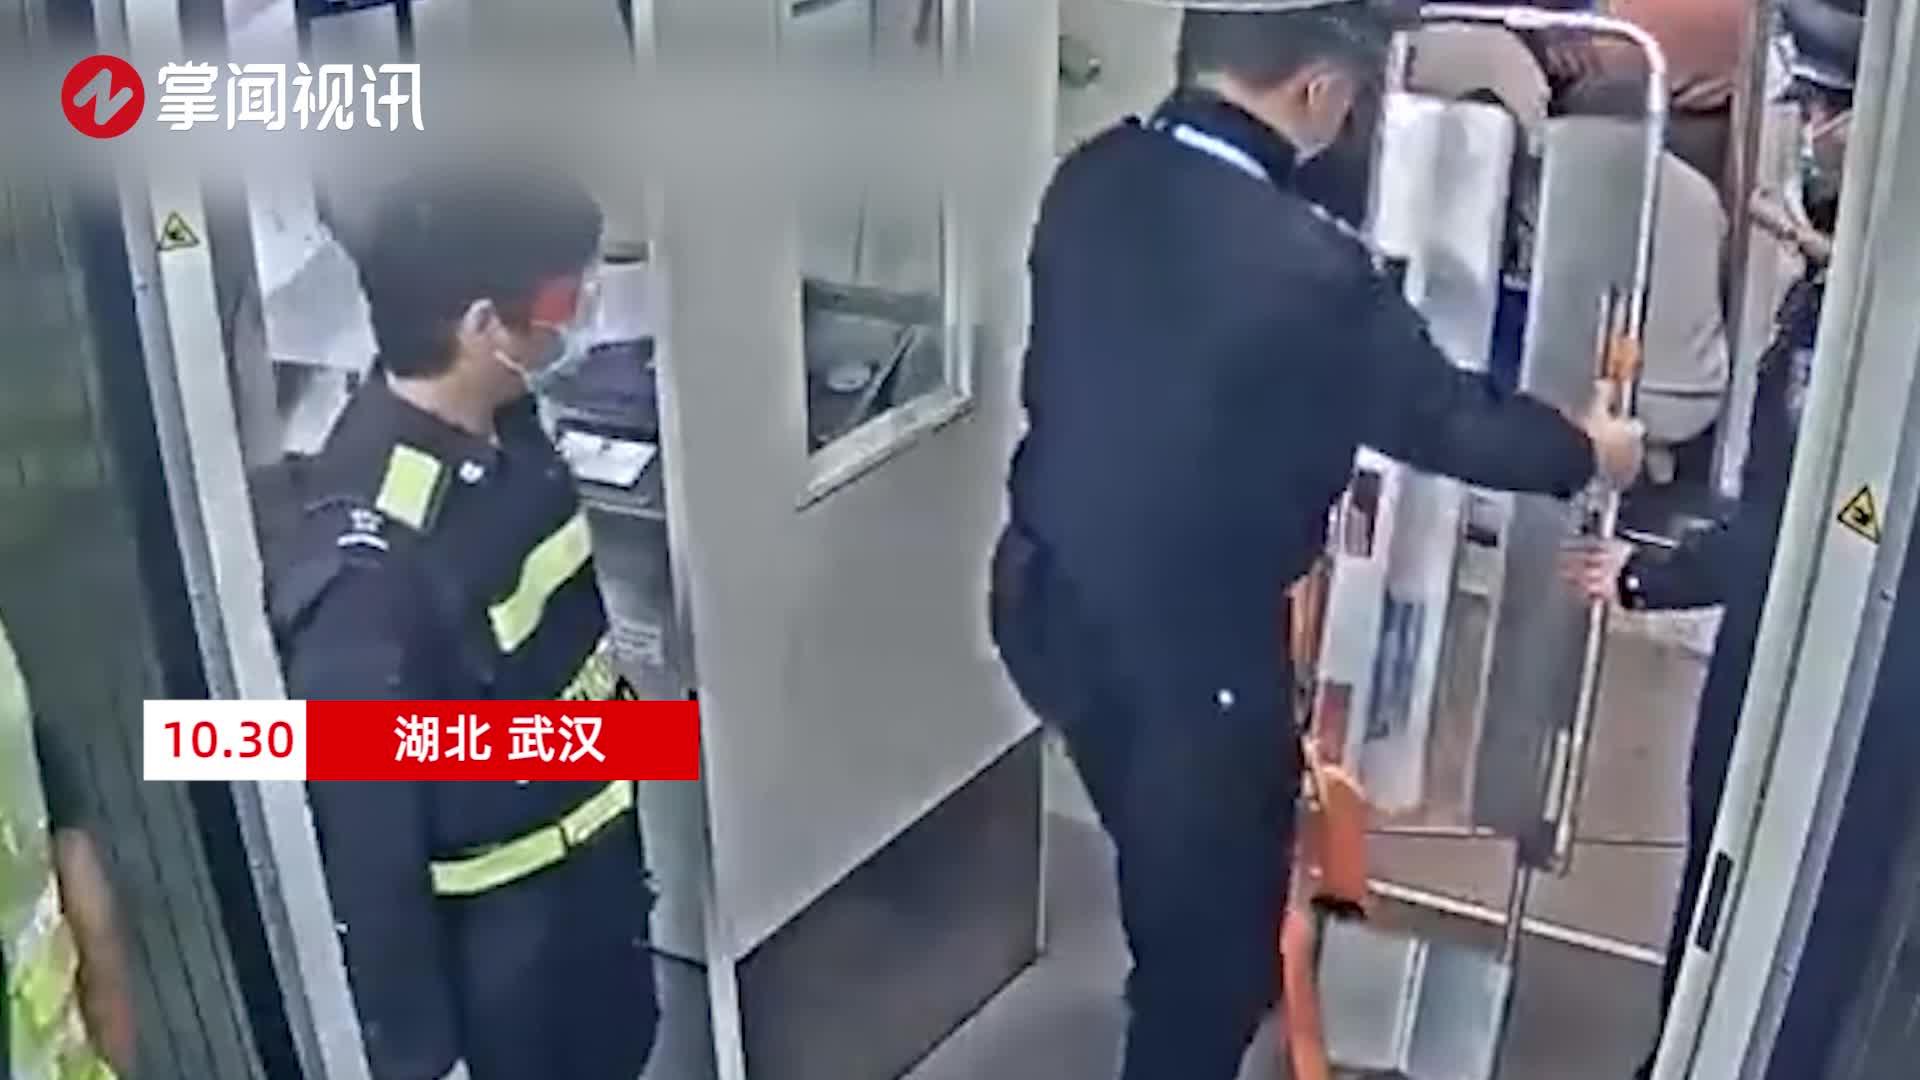 万里高空生死救援!乘客突然昏迷医生民警展开生死营救接力